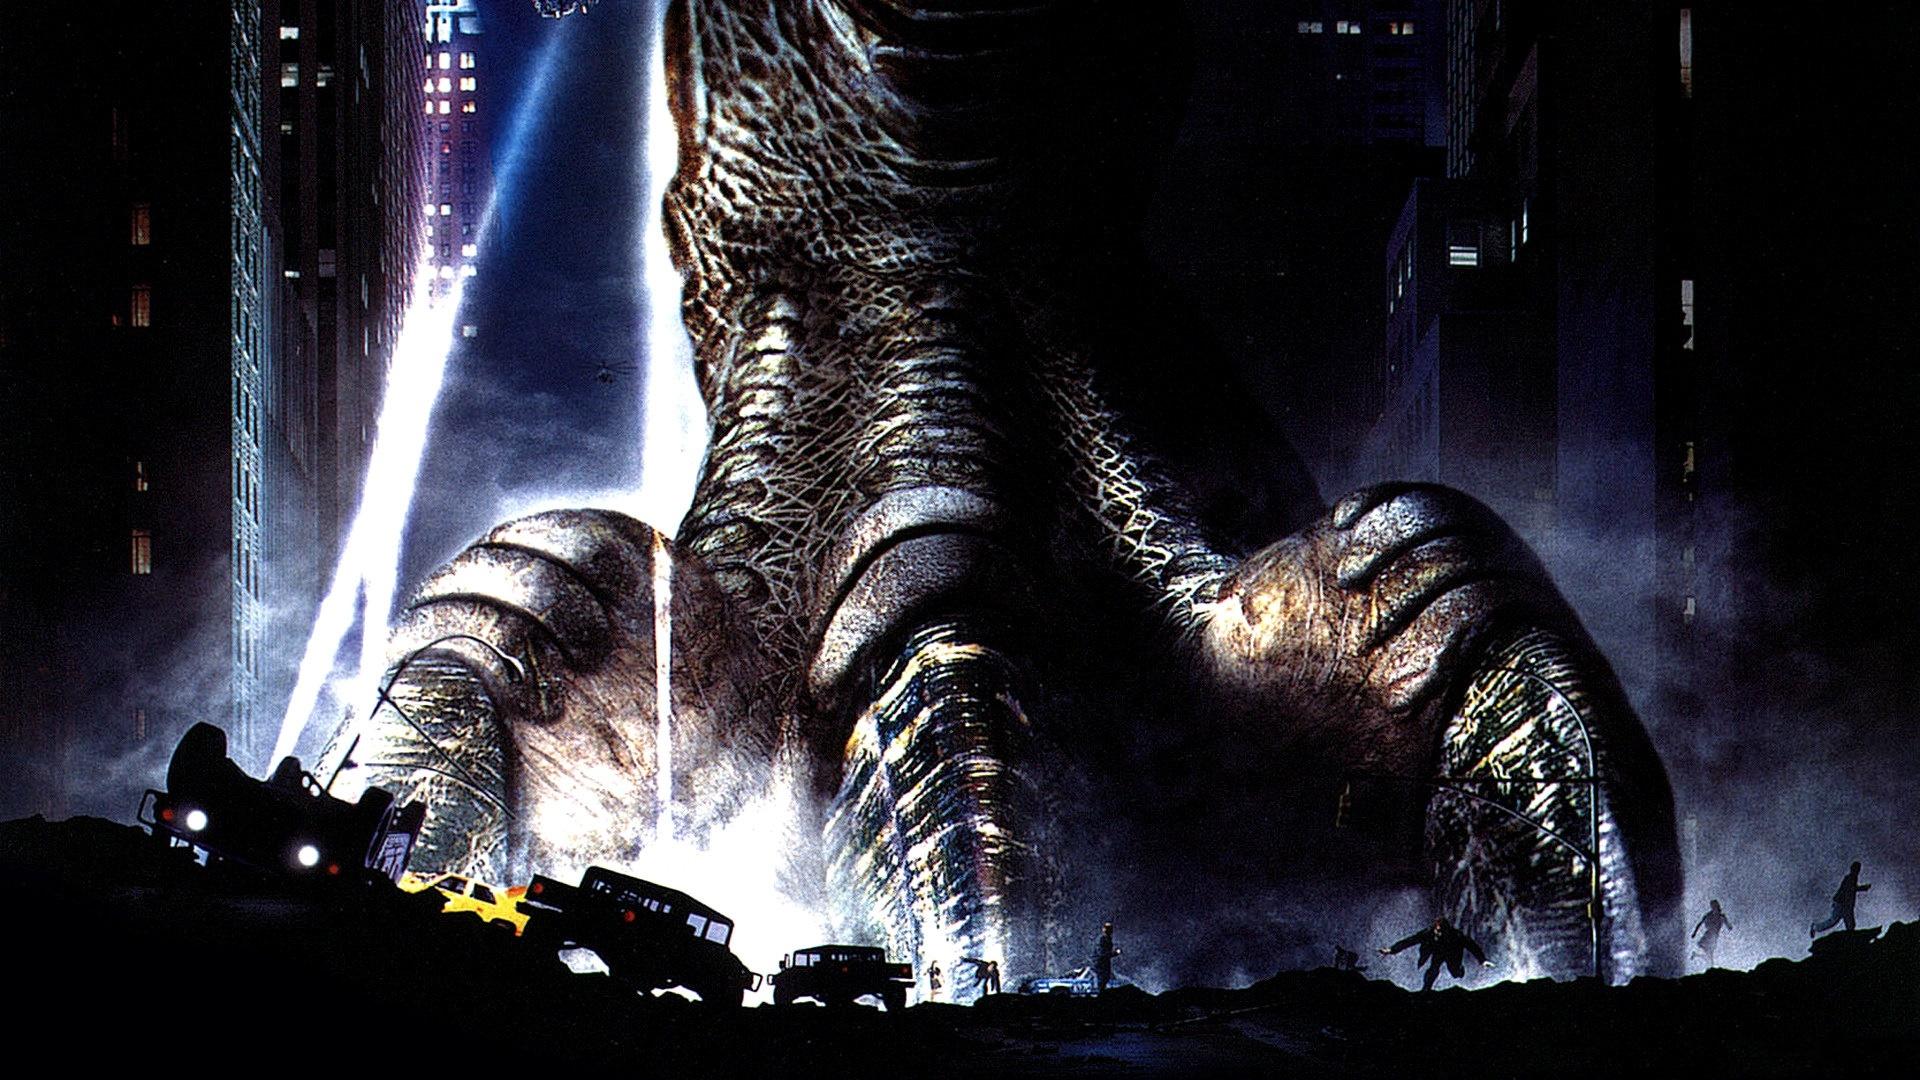 Free 3d Hulk Wallpaper Godzilla Wallpapers Hd Pixelstalk Net